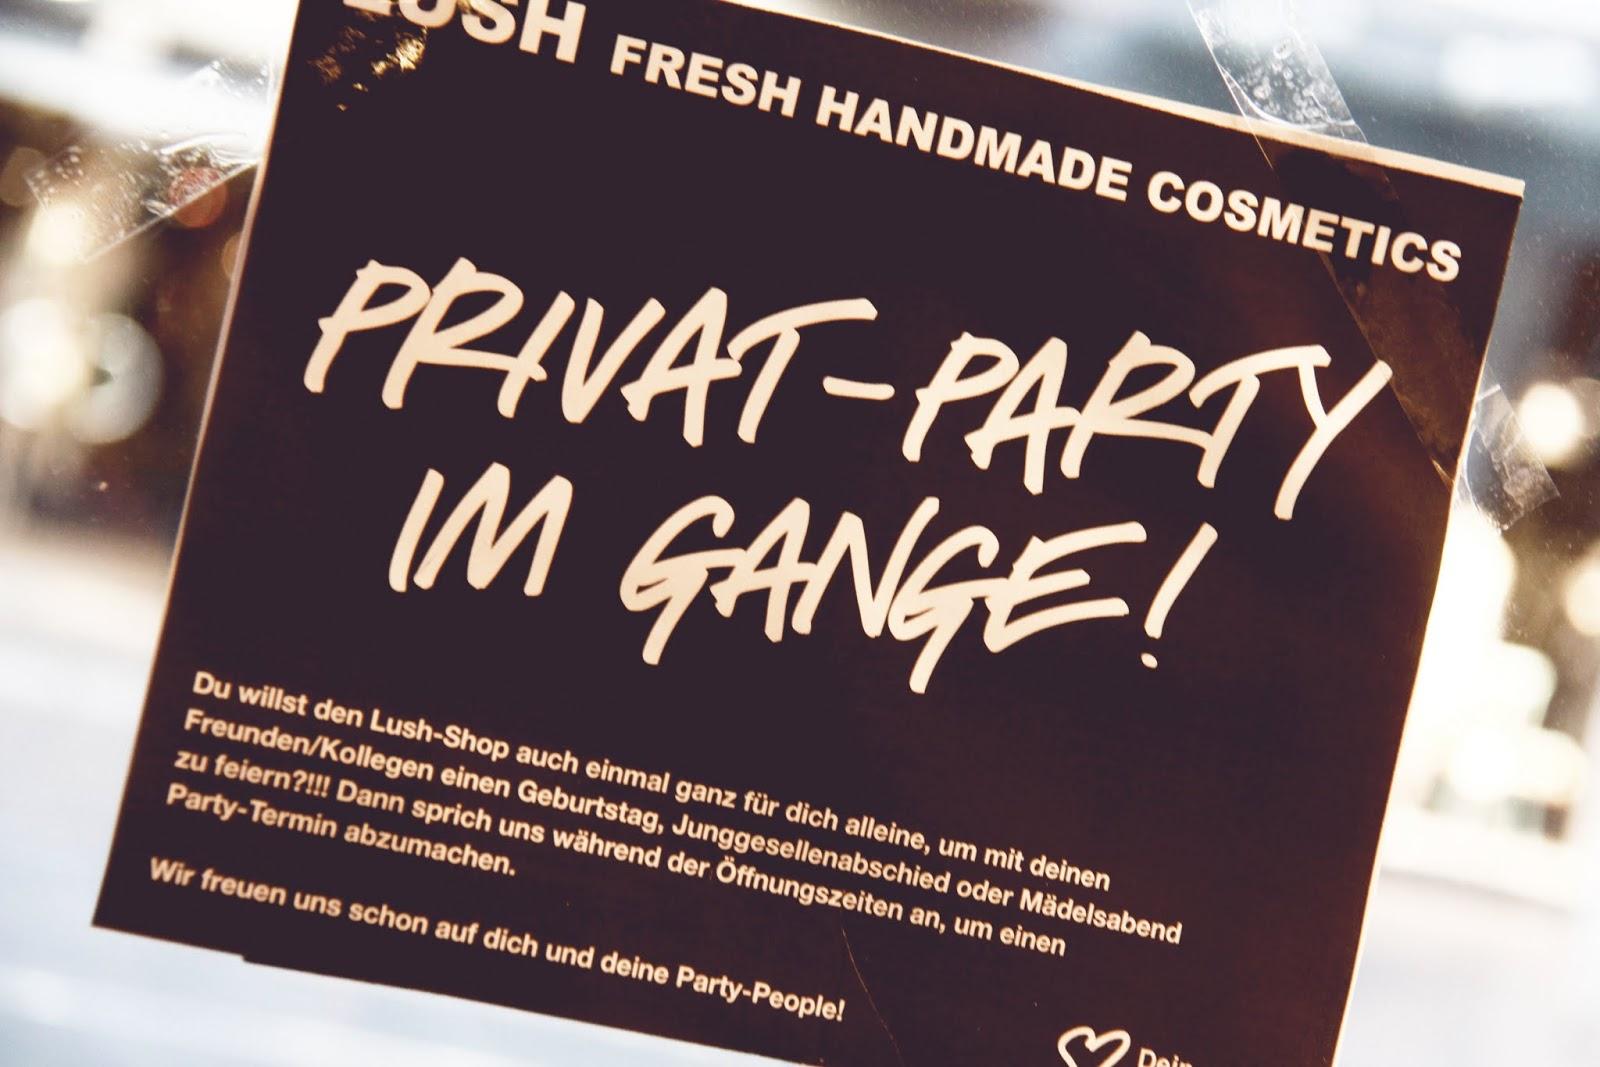 Lush Beauty School in Karlsruhe